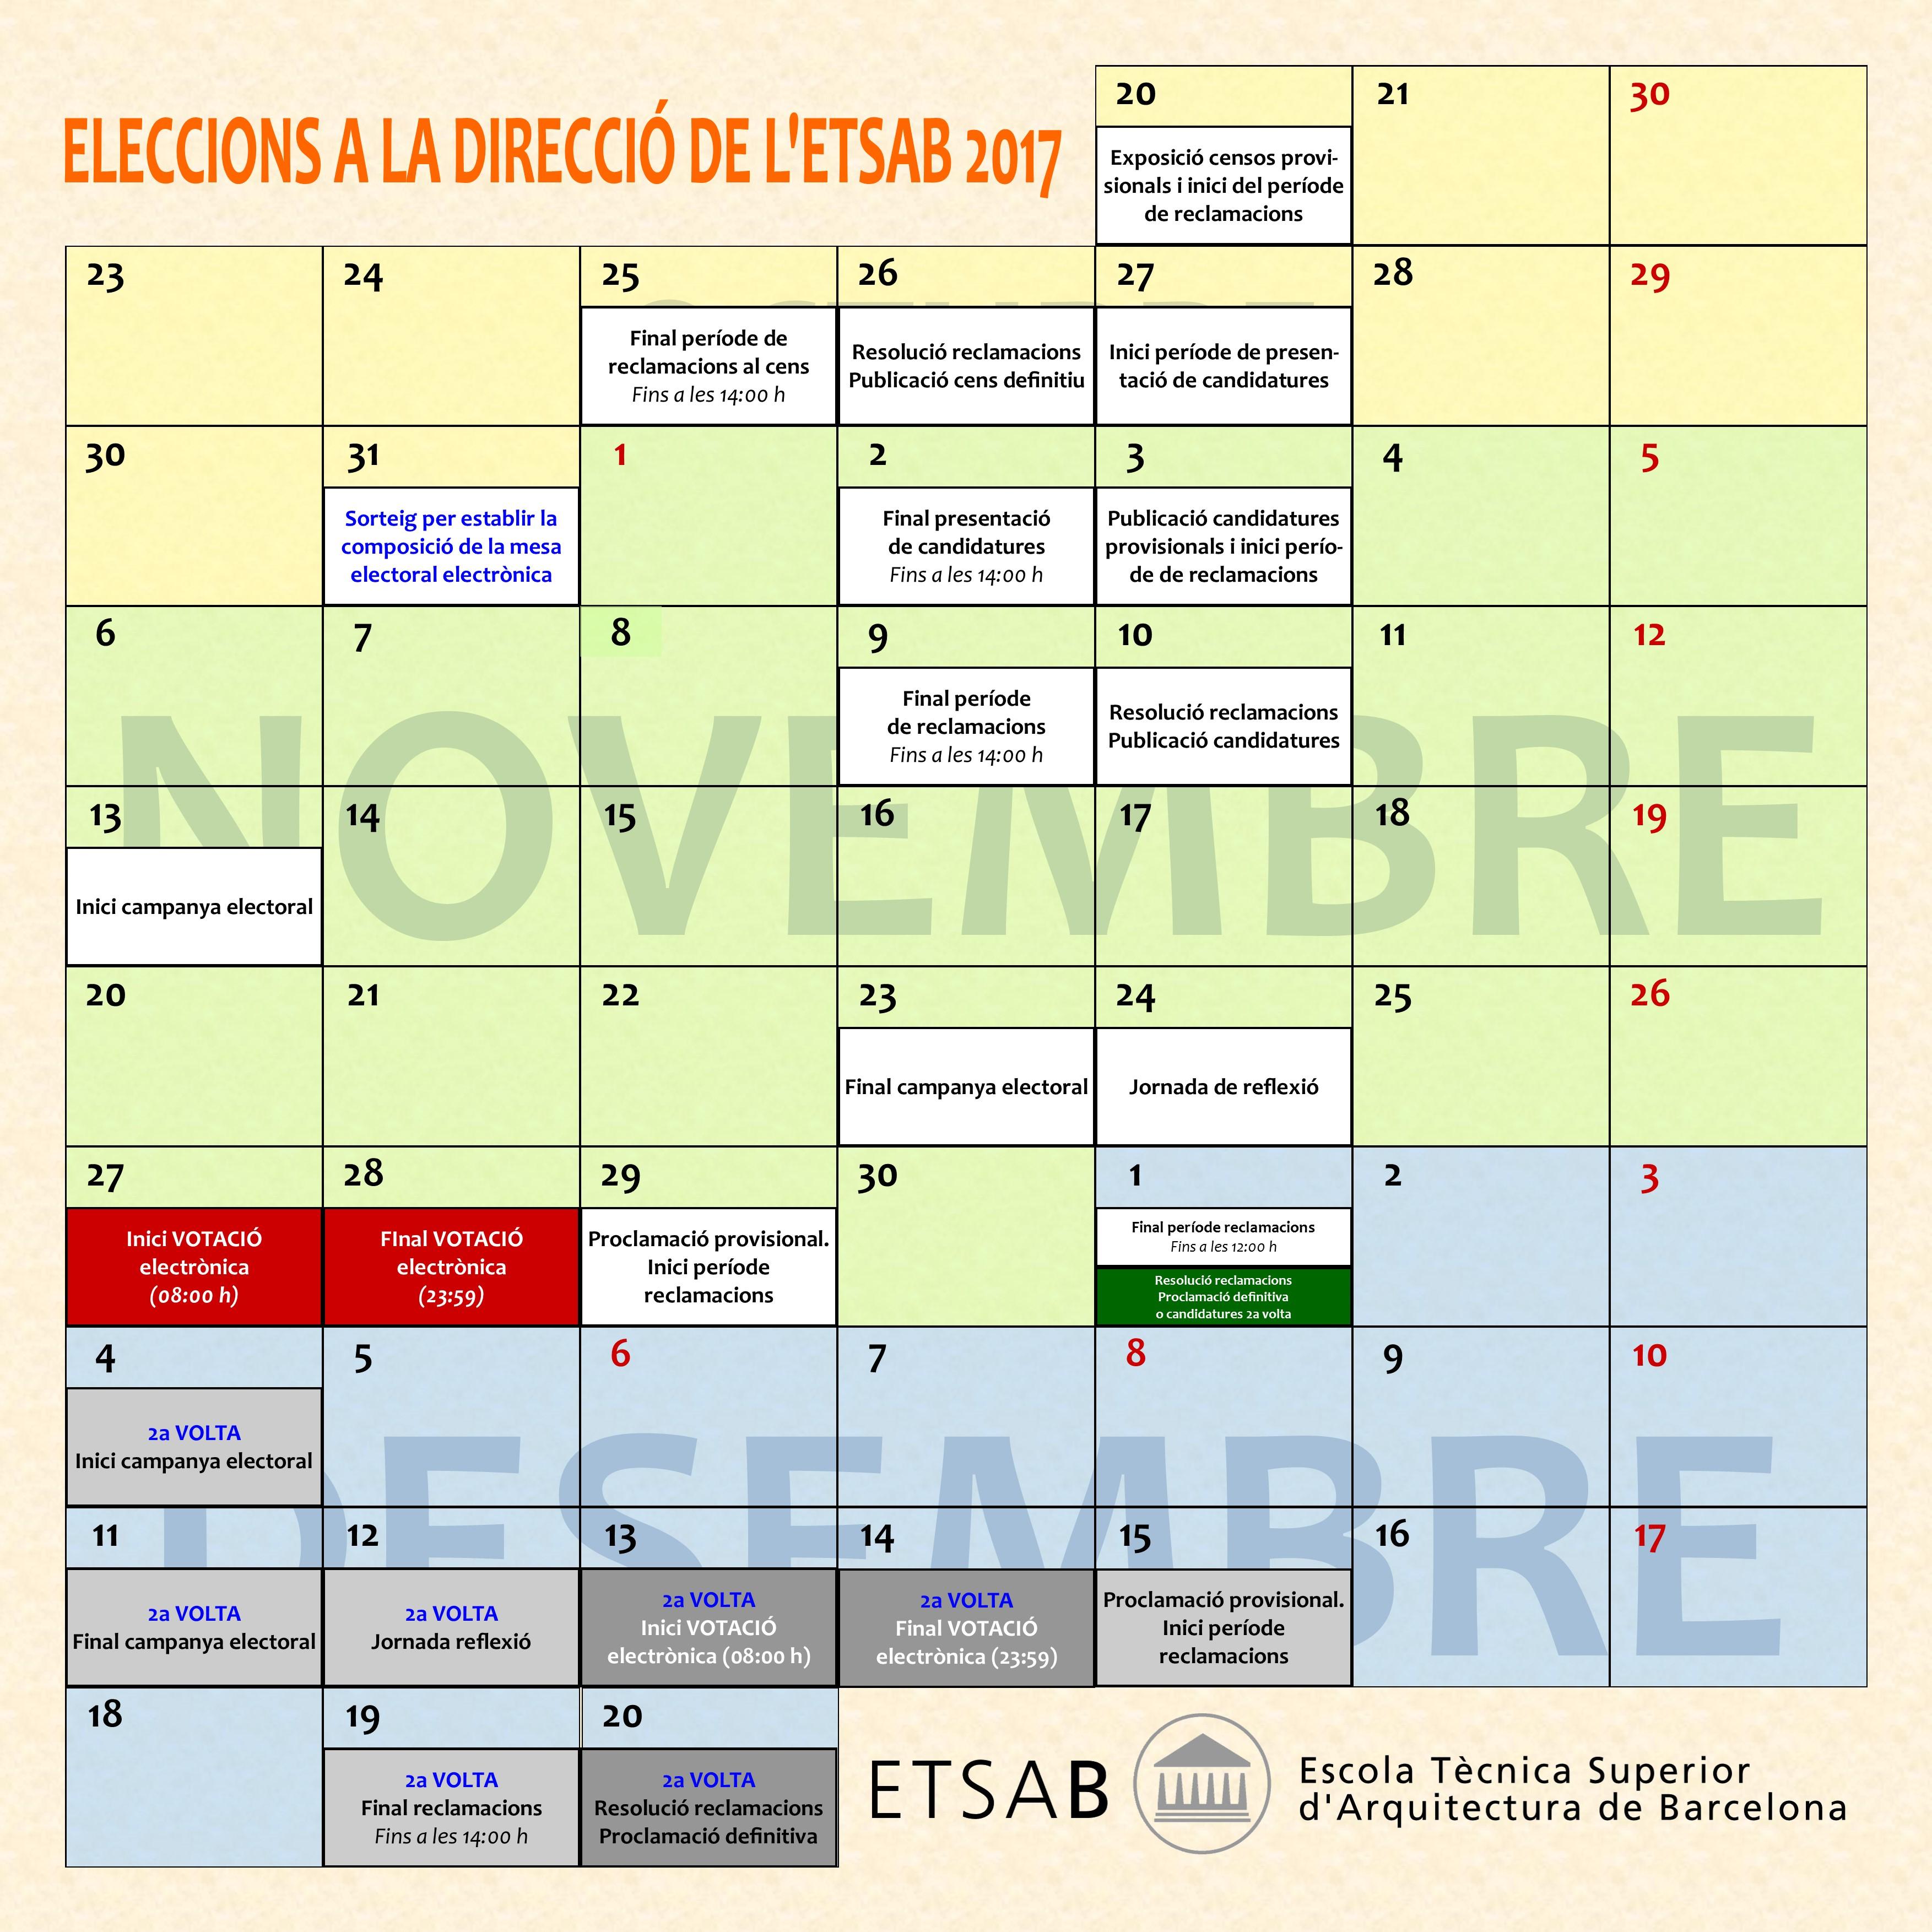 Calendari eleccions direcció 2017.jpg